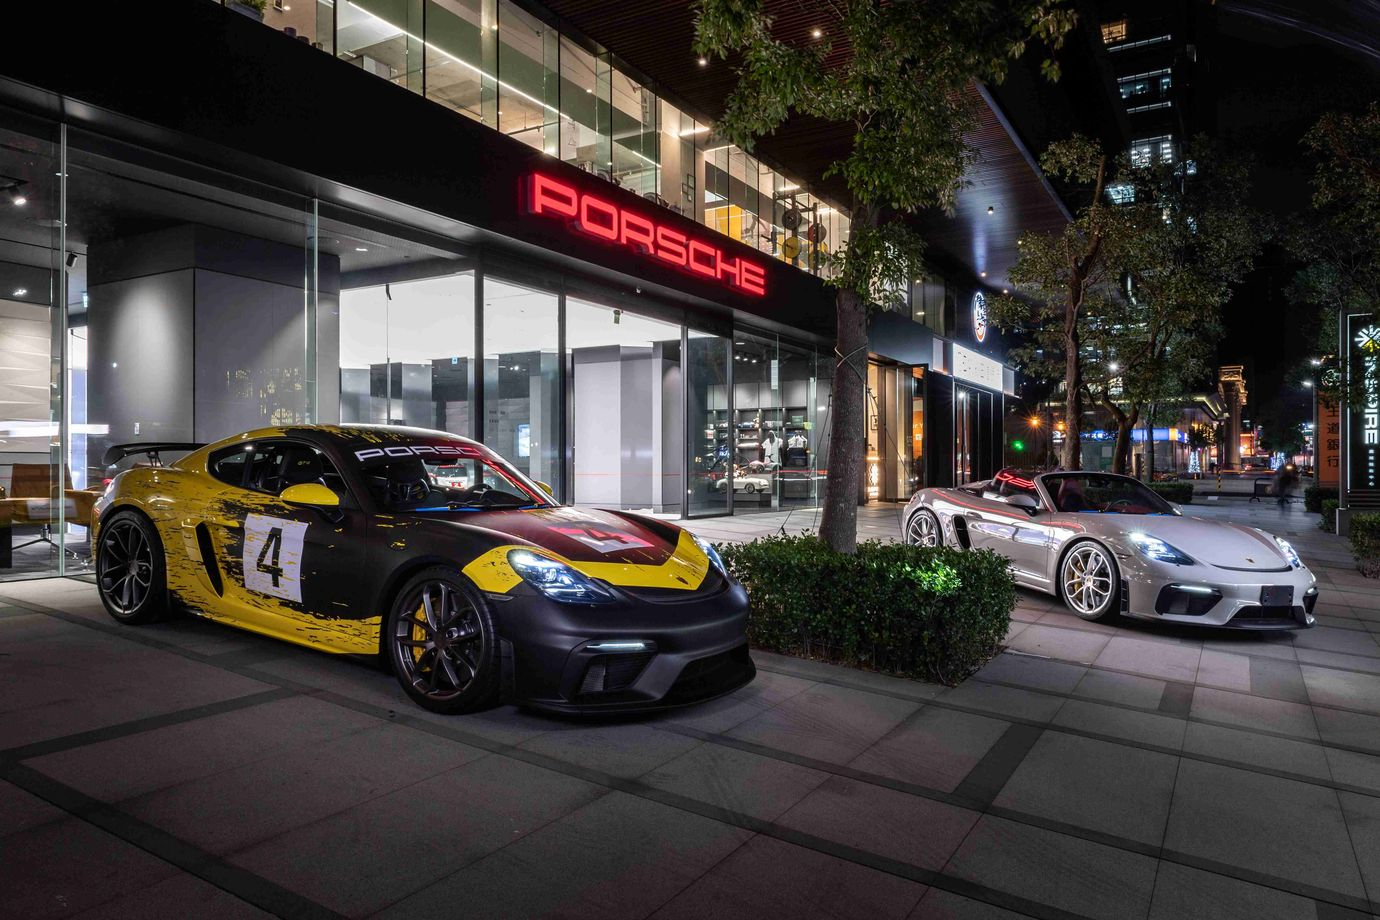 車迷精品控尋寶 保時捷桃園首開Porsche Studio